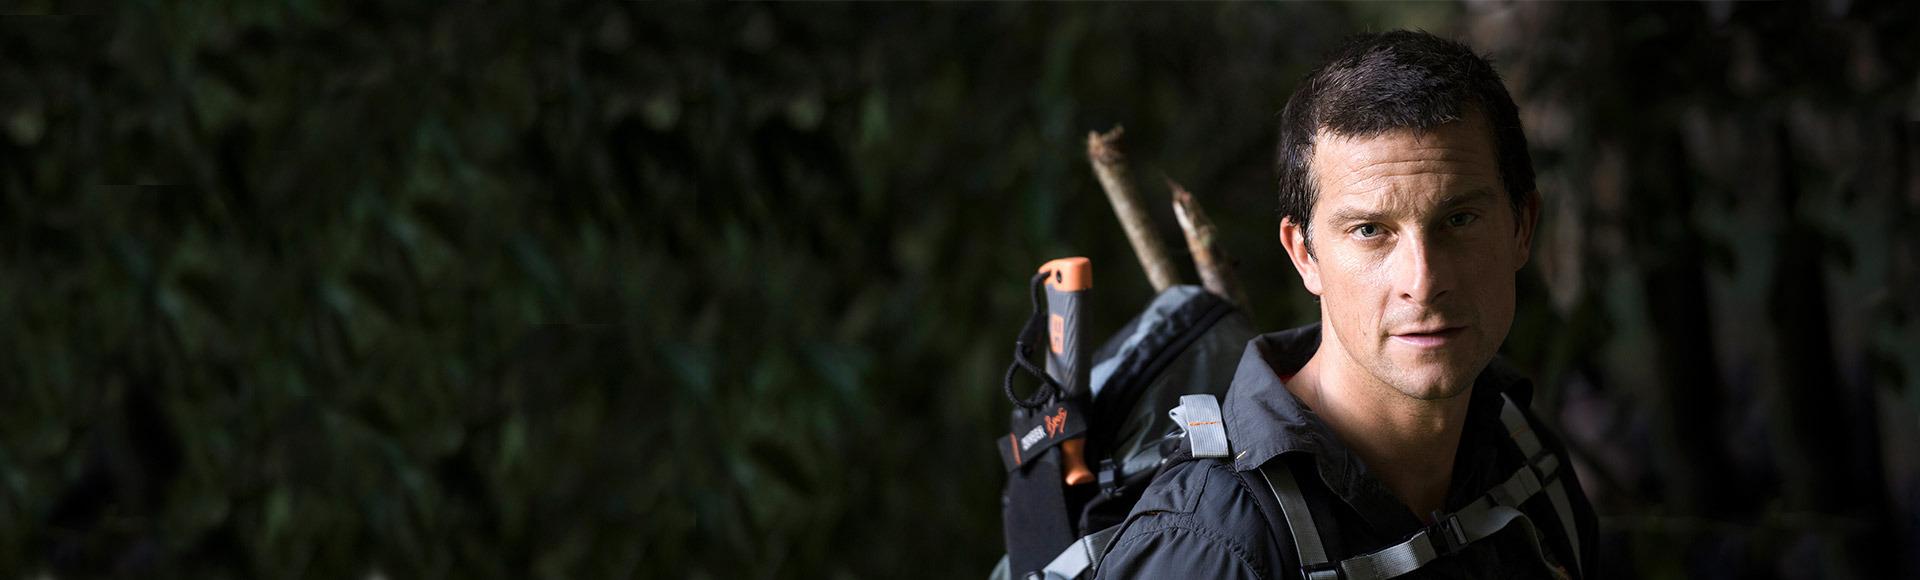 Bear Grylls: Kırılma Noktası